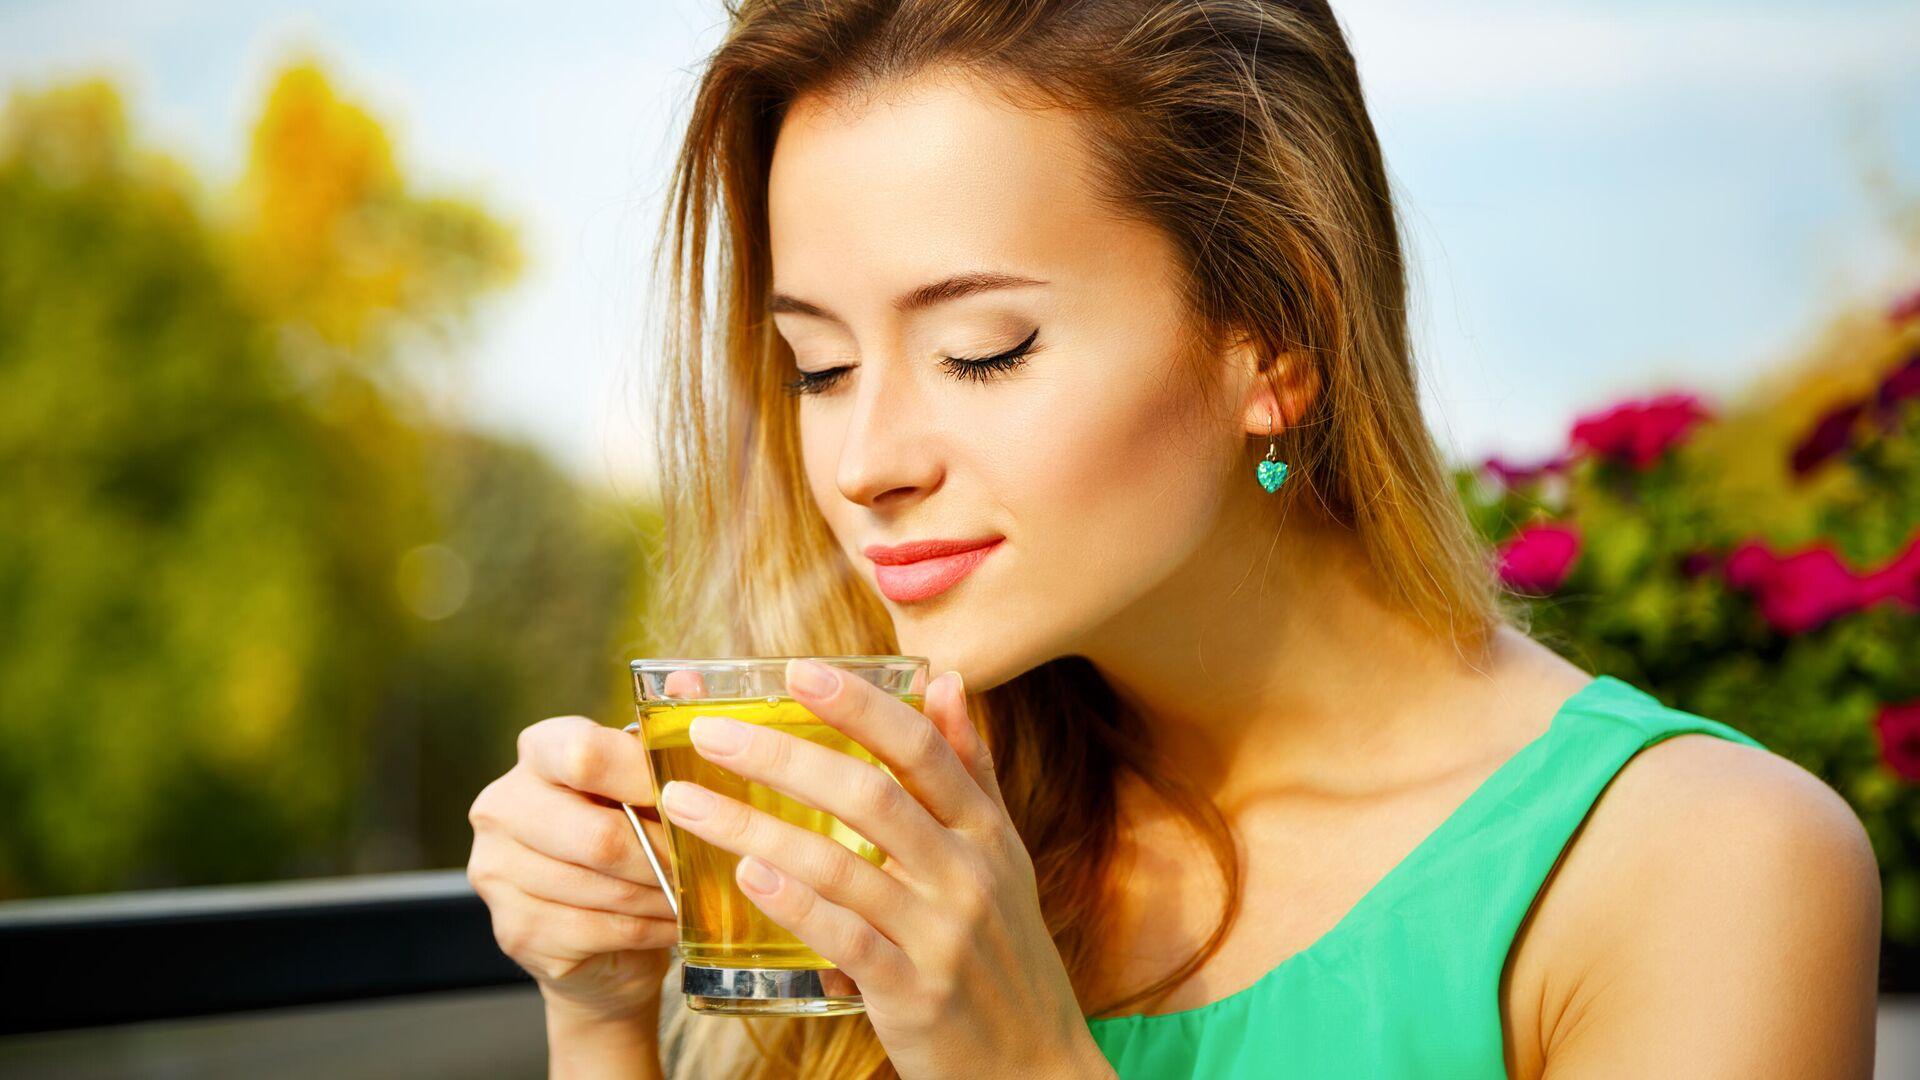 Девушка пьёт зелёный чай - РИА Новости, 1920, 23.06.2021